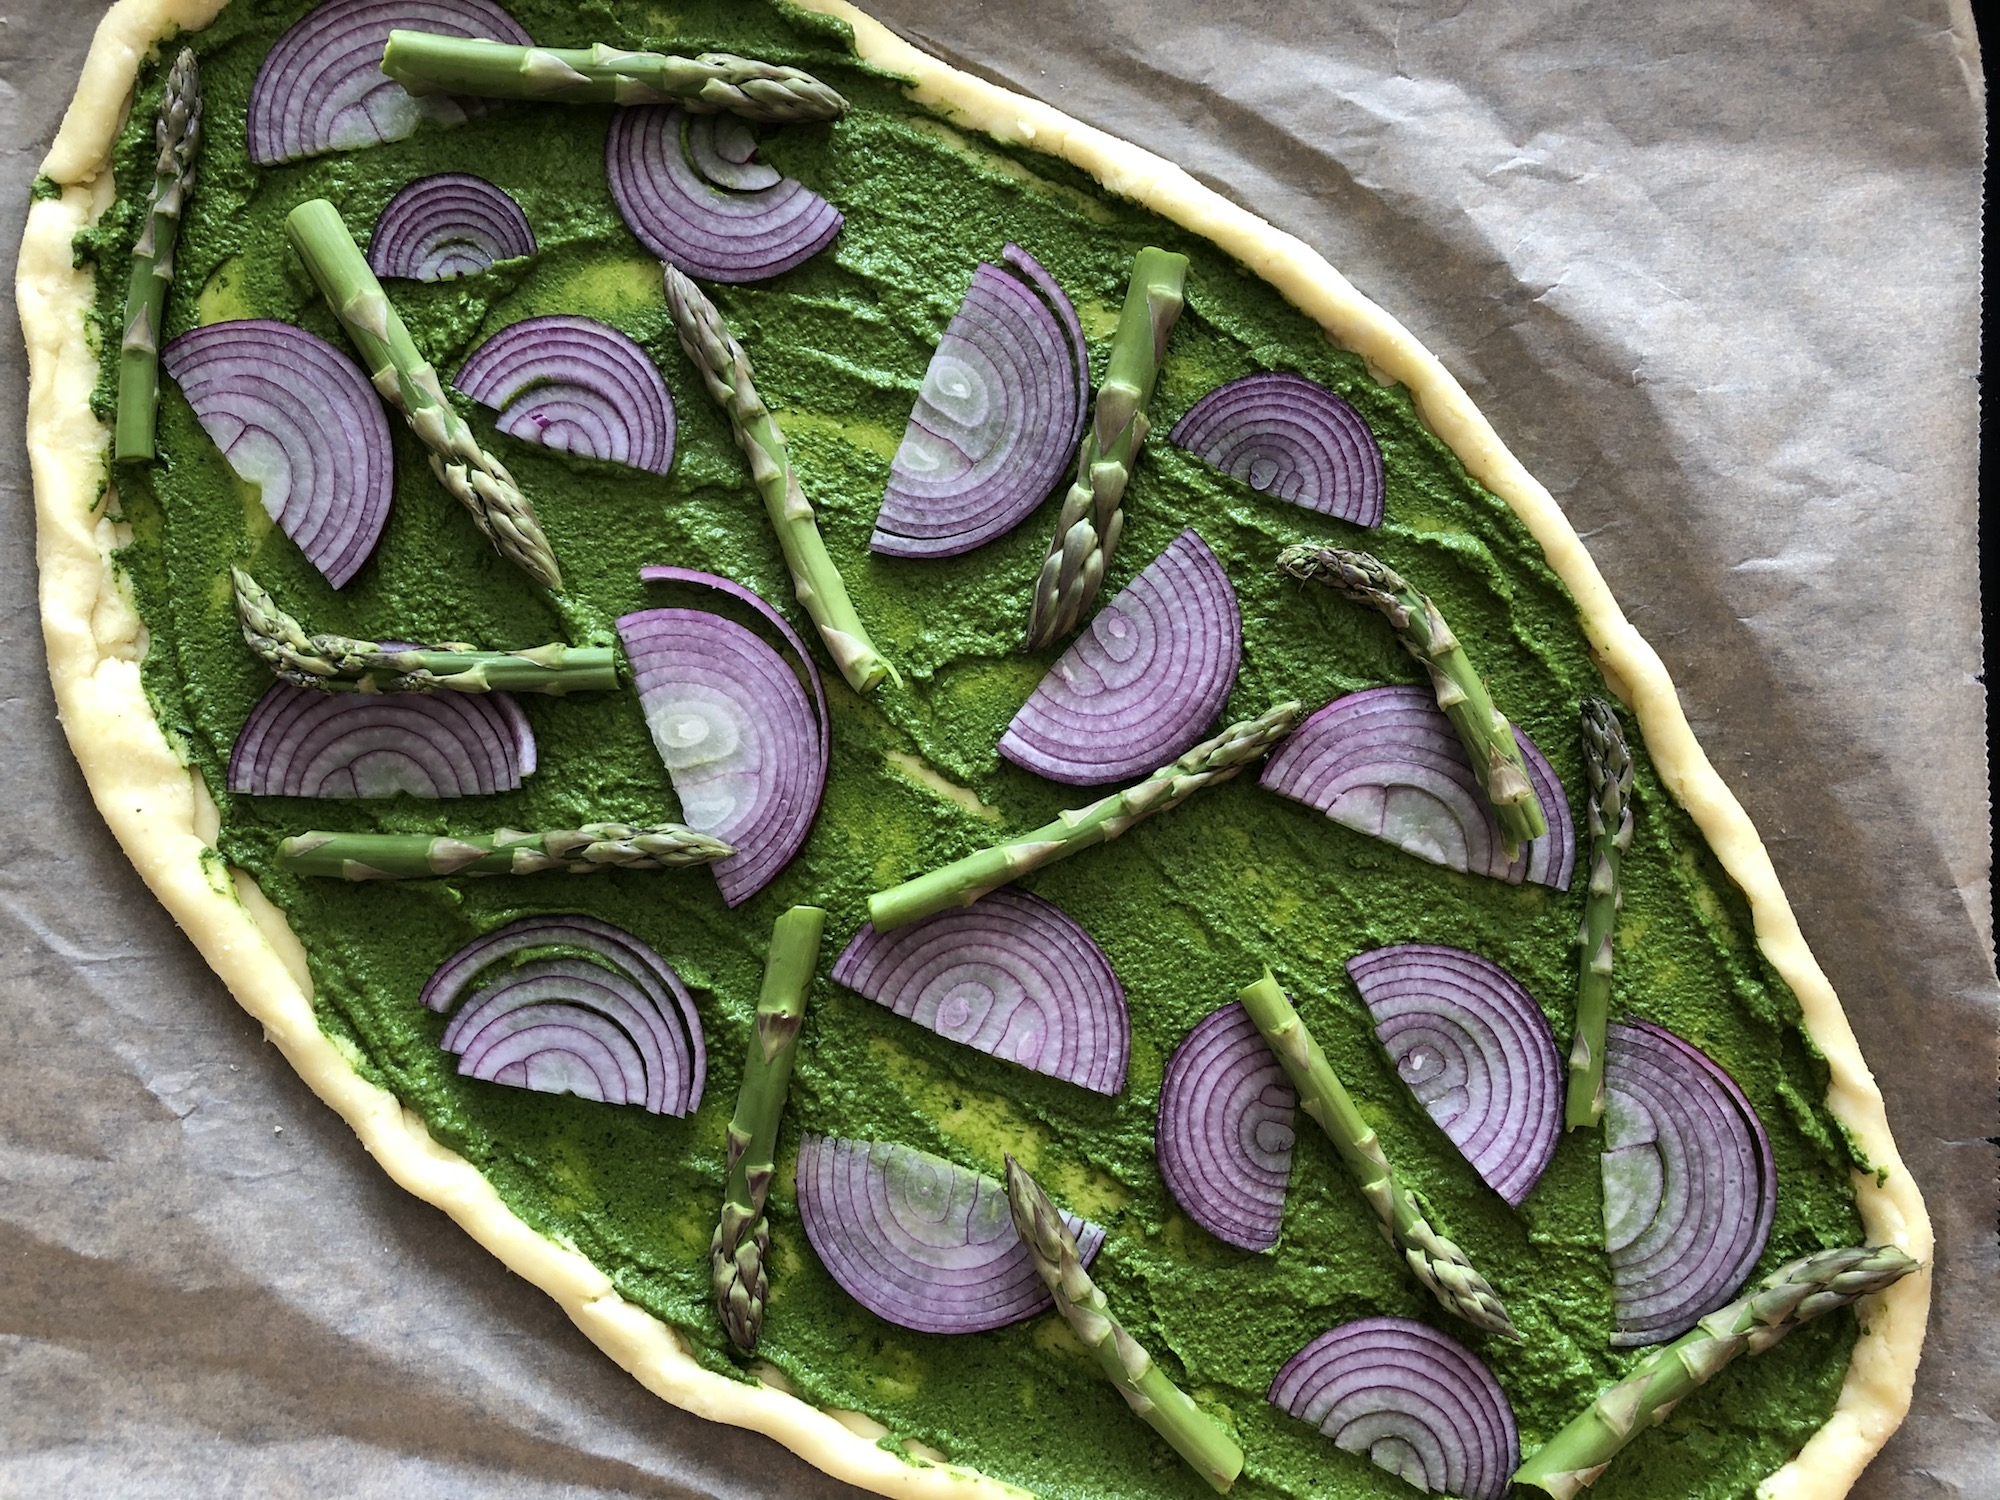 grön pizza toppad med rödlök och sparris redo för ugnen